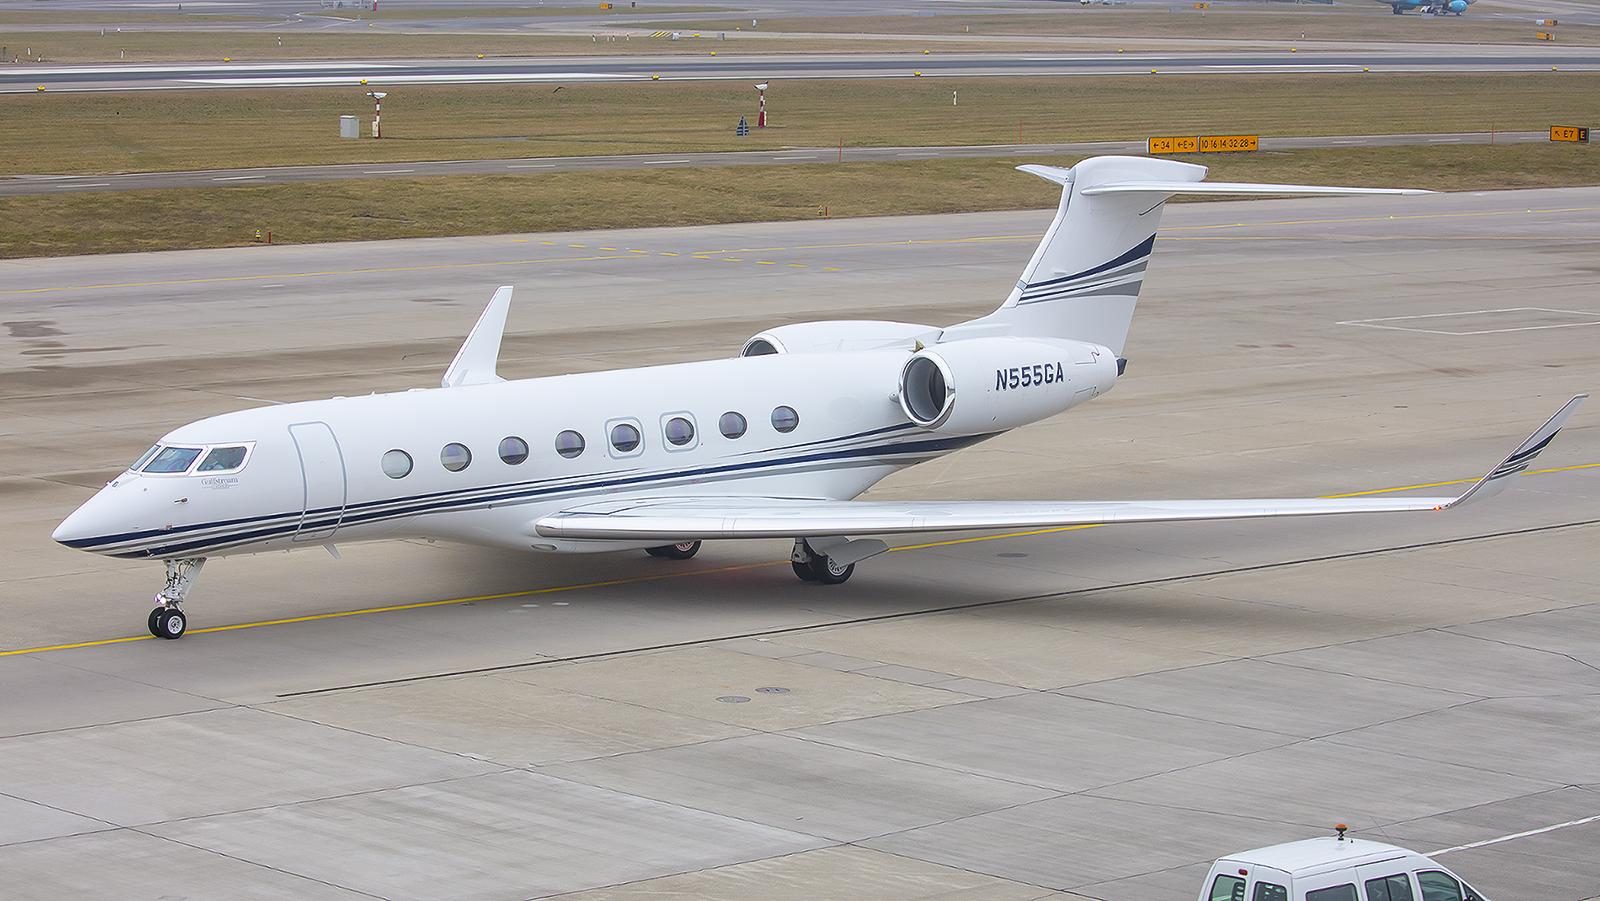 TVPX ARS INC besitzt diese Gulfstream G550. Die Firma ist spezialisiert auf Dienstleistungen im Bereich der Privatfliegerei.